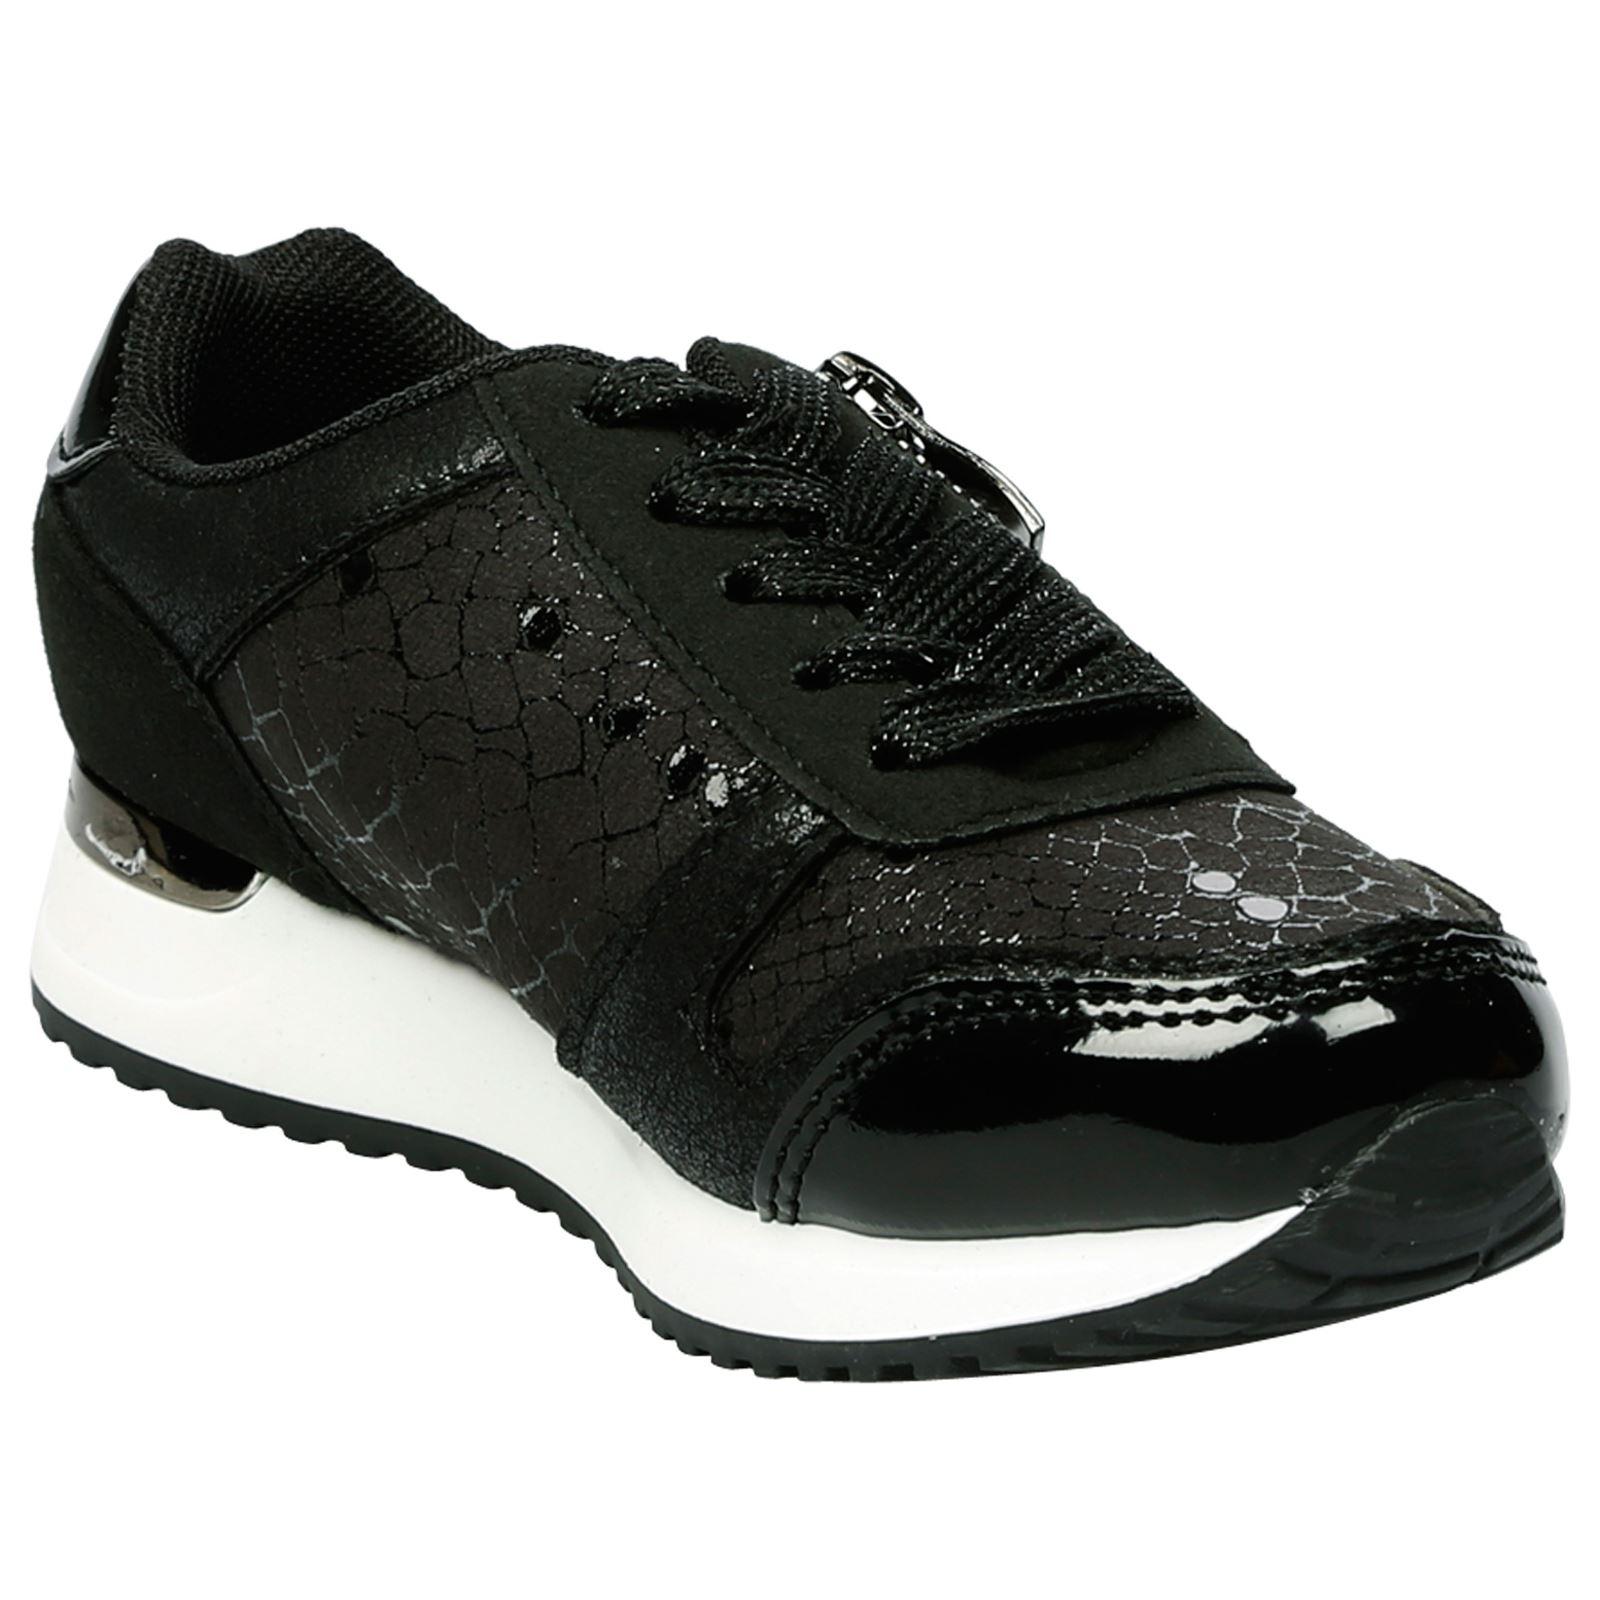 Niños Niñas Con Cordones Zapatillas Sneakers Tamaño De Estilo Escolar Deportiva Brillo Bombas Nuevo